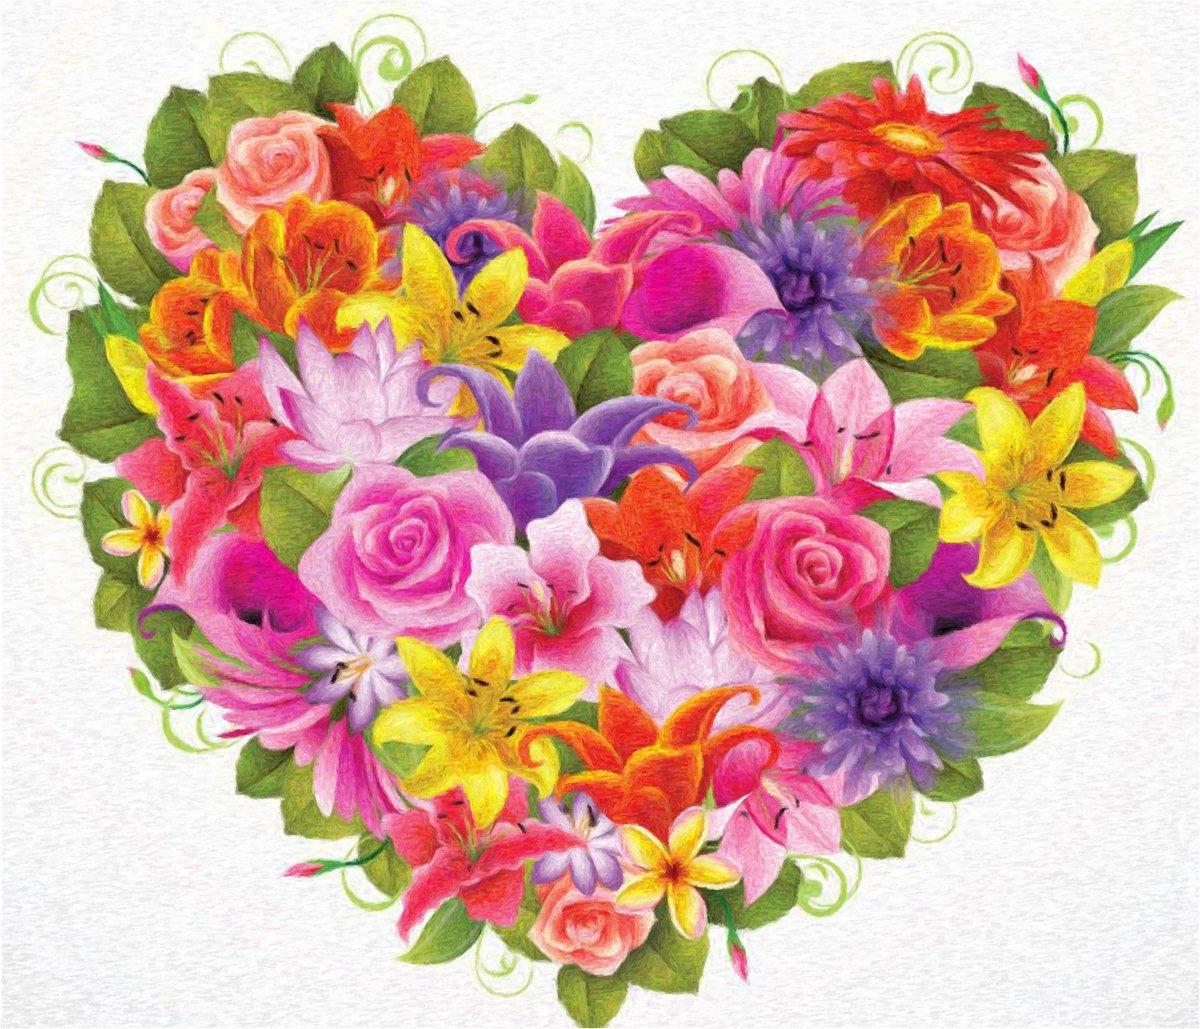 Цветы букет рисунок цветной, пожеланием